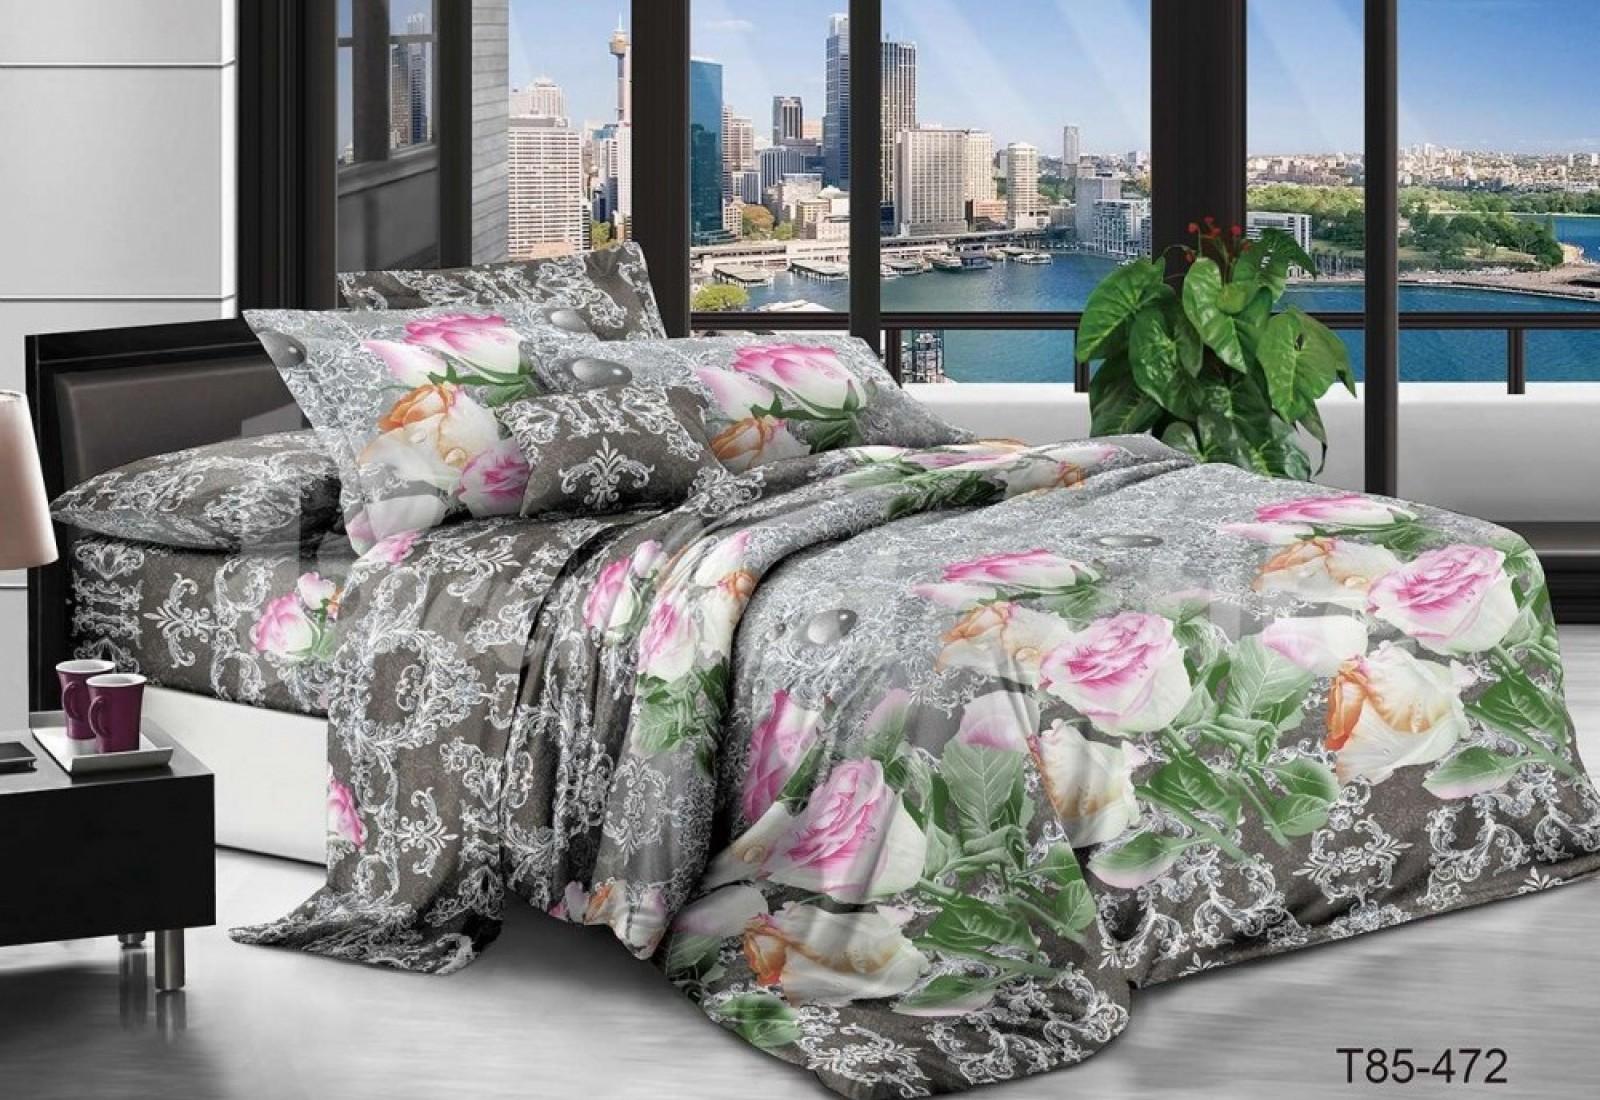 Семейное постельное белье полиСАТИН 3D (поликоттон) 85472